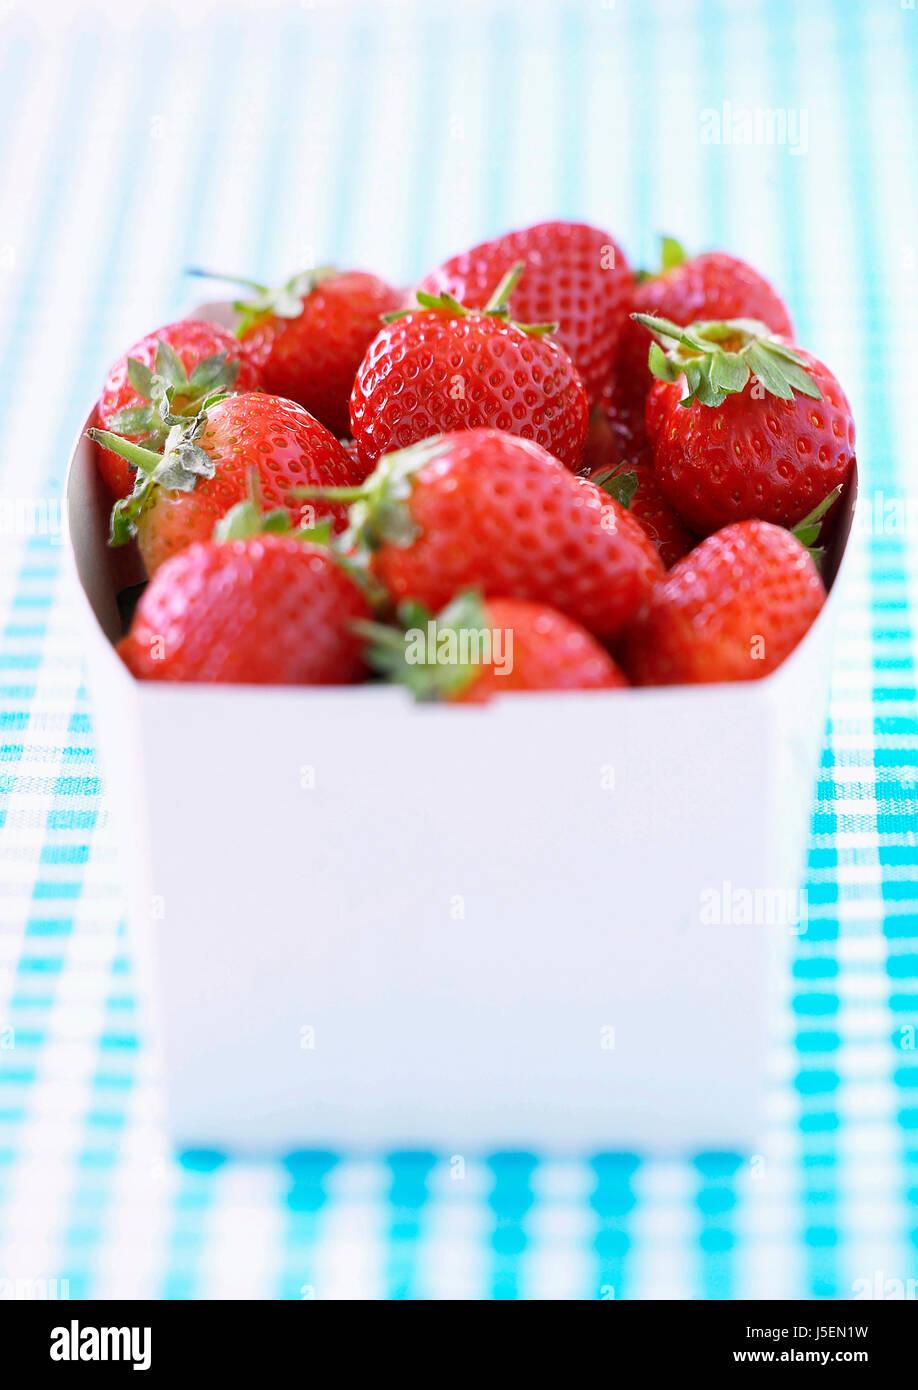 Fragola, Fragaria x ananassa, Studio shot di frutta rossa nel contenitore. Immagini Stock